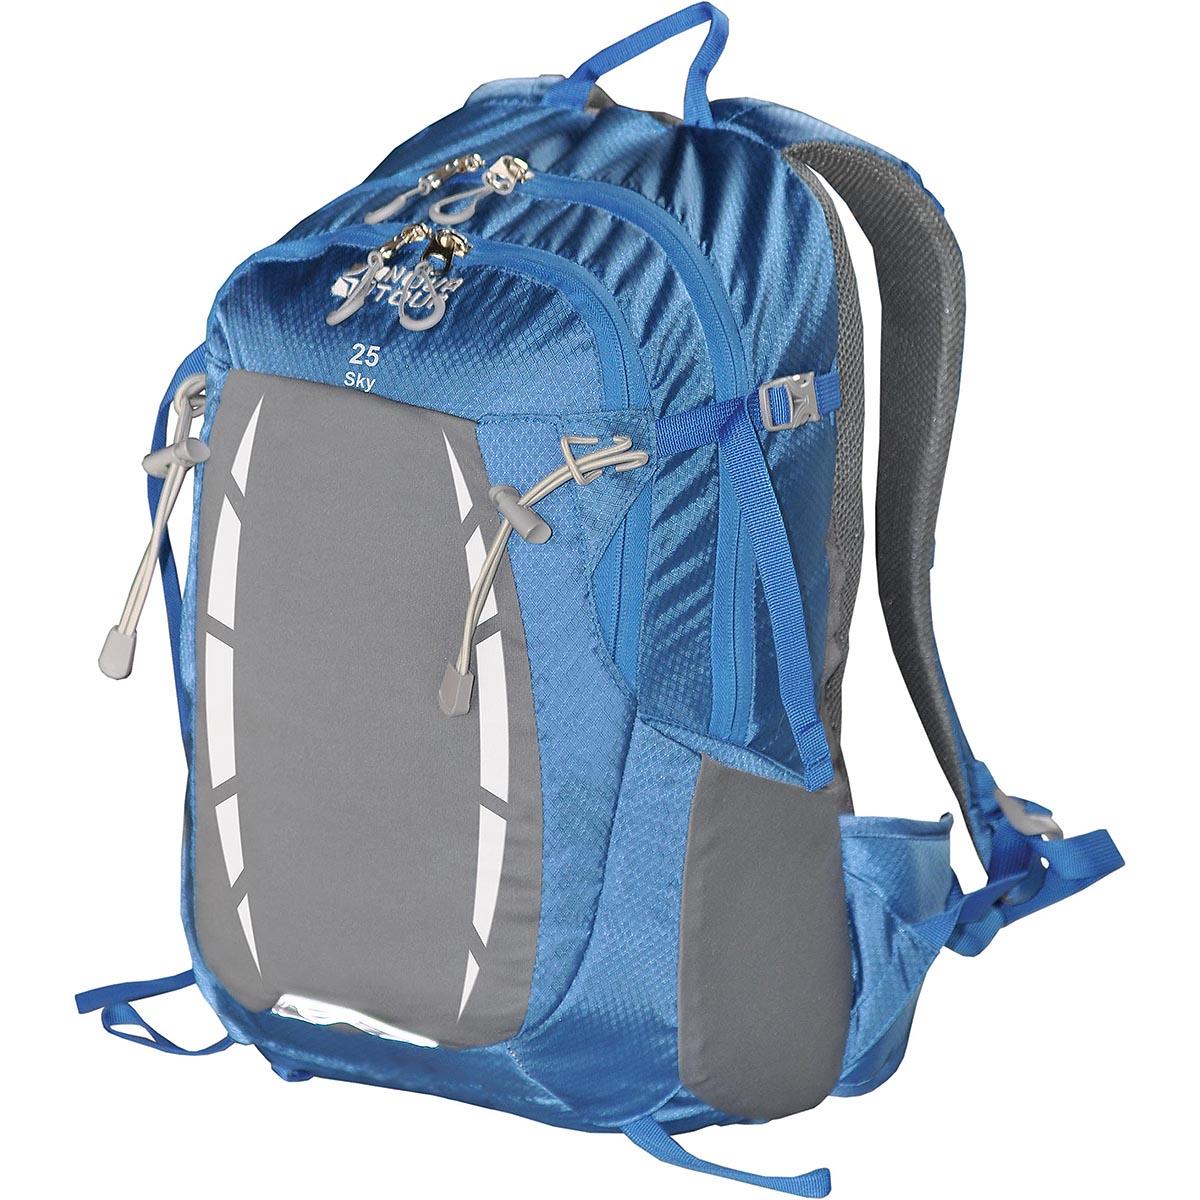 Рюкзак спортивный Nova Tour Скай 25, цвет: синий, 25 лКостюм Охотник-Штурм: куртка, брюкиОтделение для гидратора, карабин для ключей, карман с органайзером, эластичный фронтальный карман с переменным объемом.